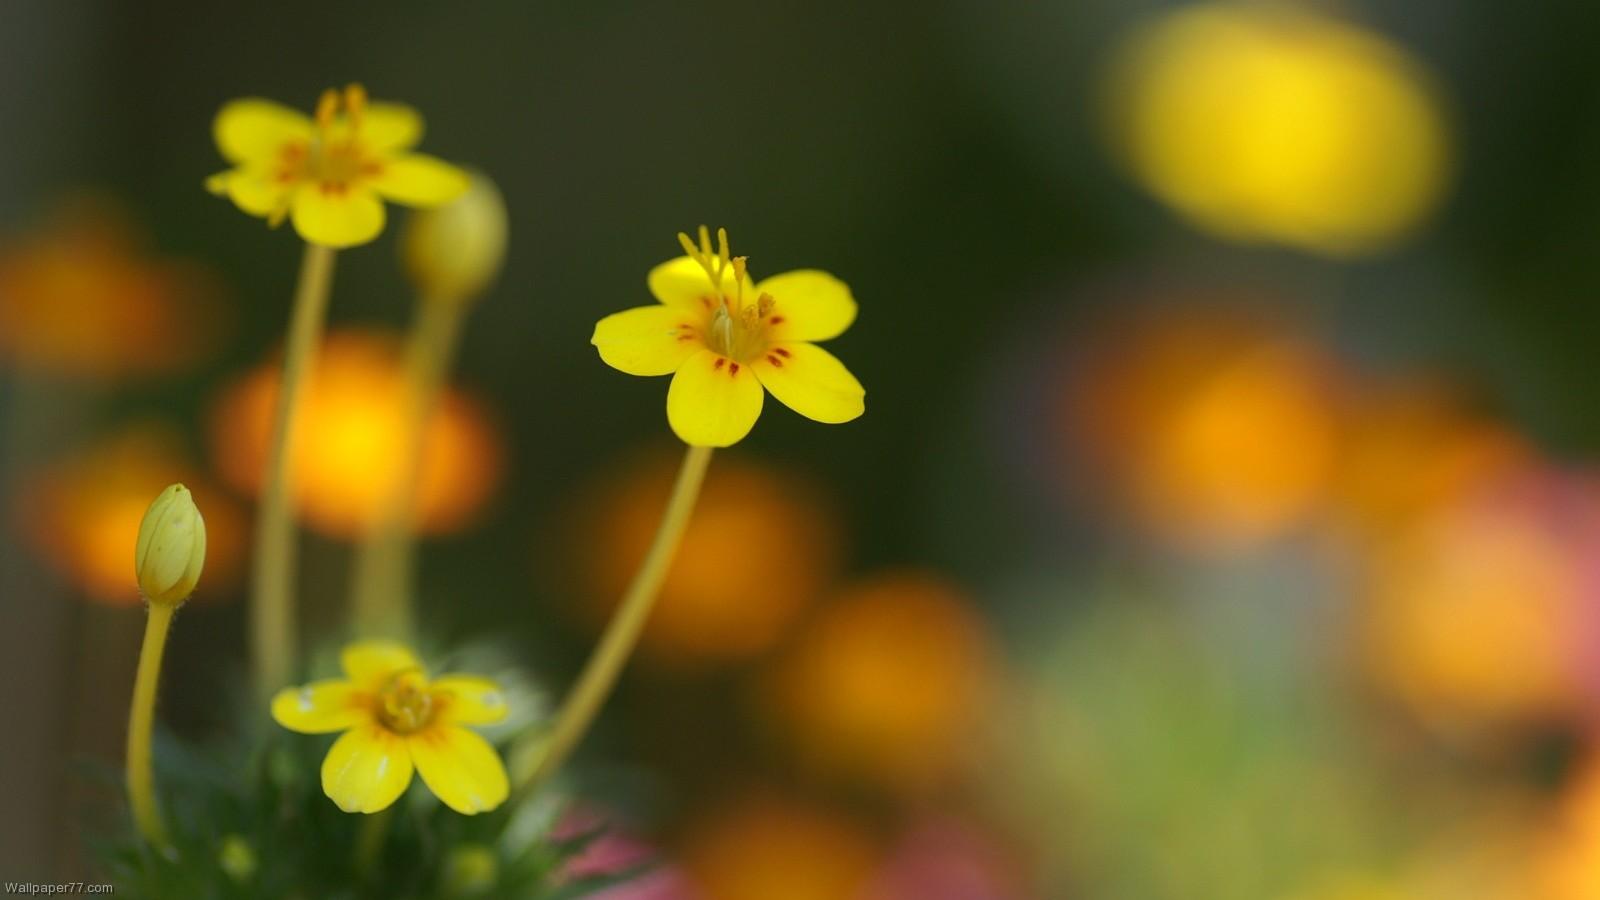 Small Flower Wallpaper WallpaperSafari